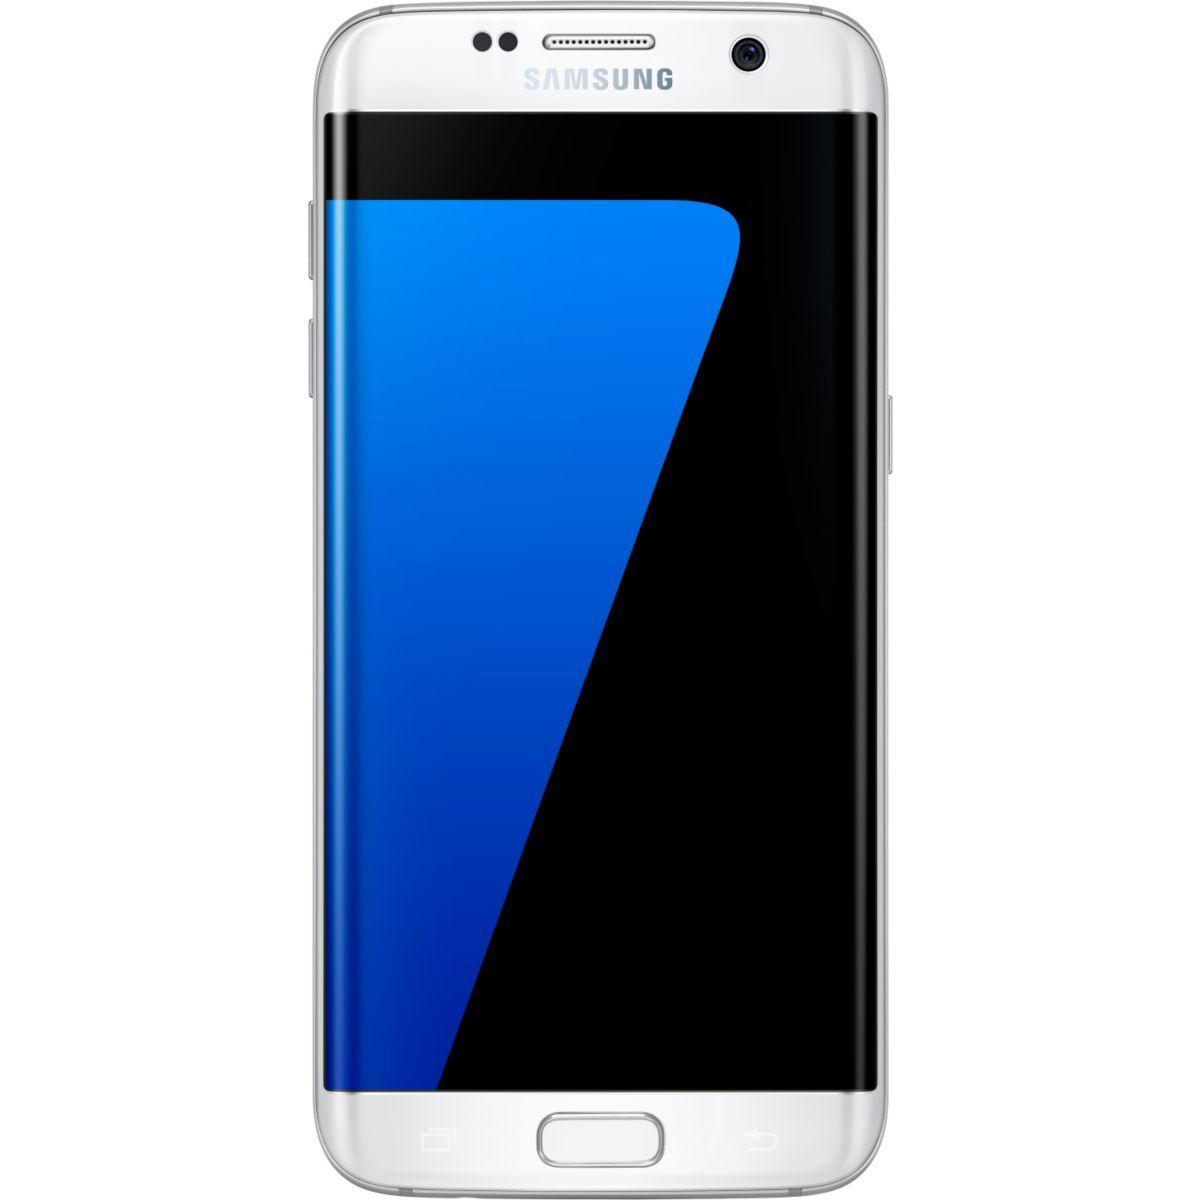 Pack promo smartphone samsung galaxy s7 edge 32go blanc + chargeur à induction samsung pad induction design s6-s7 blanc - soldes et bonnes affaires à